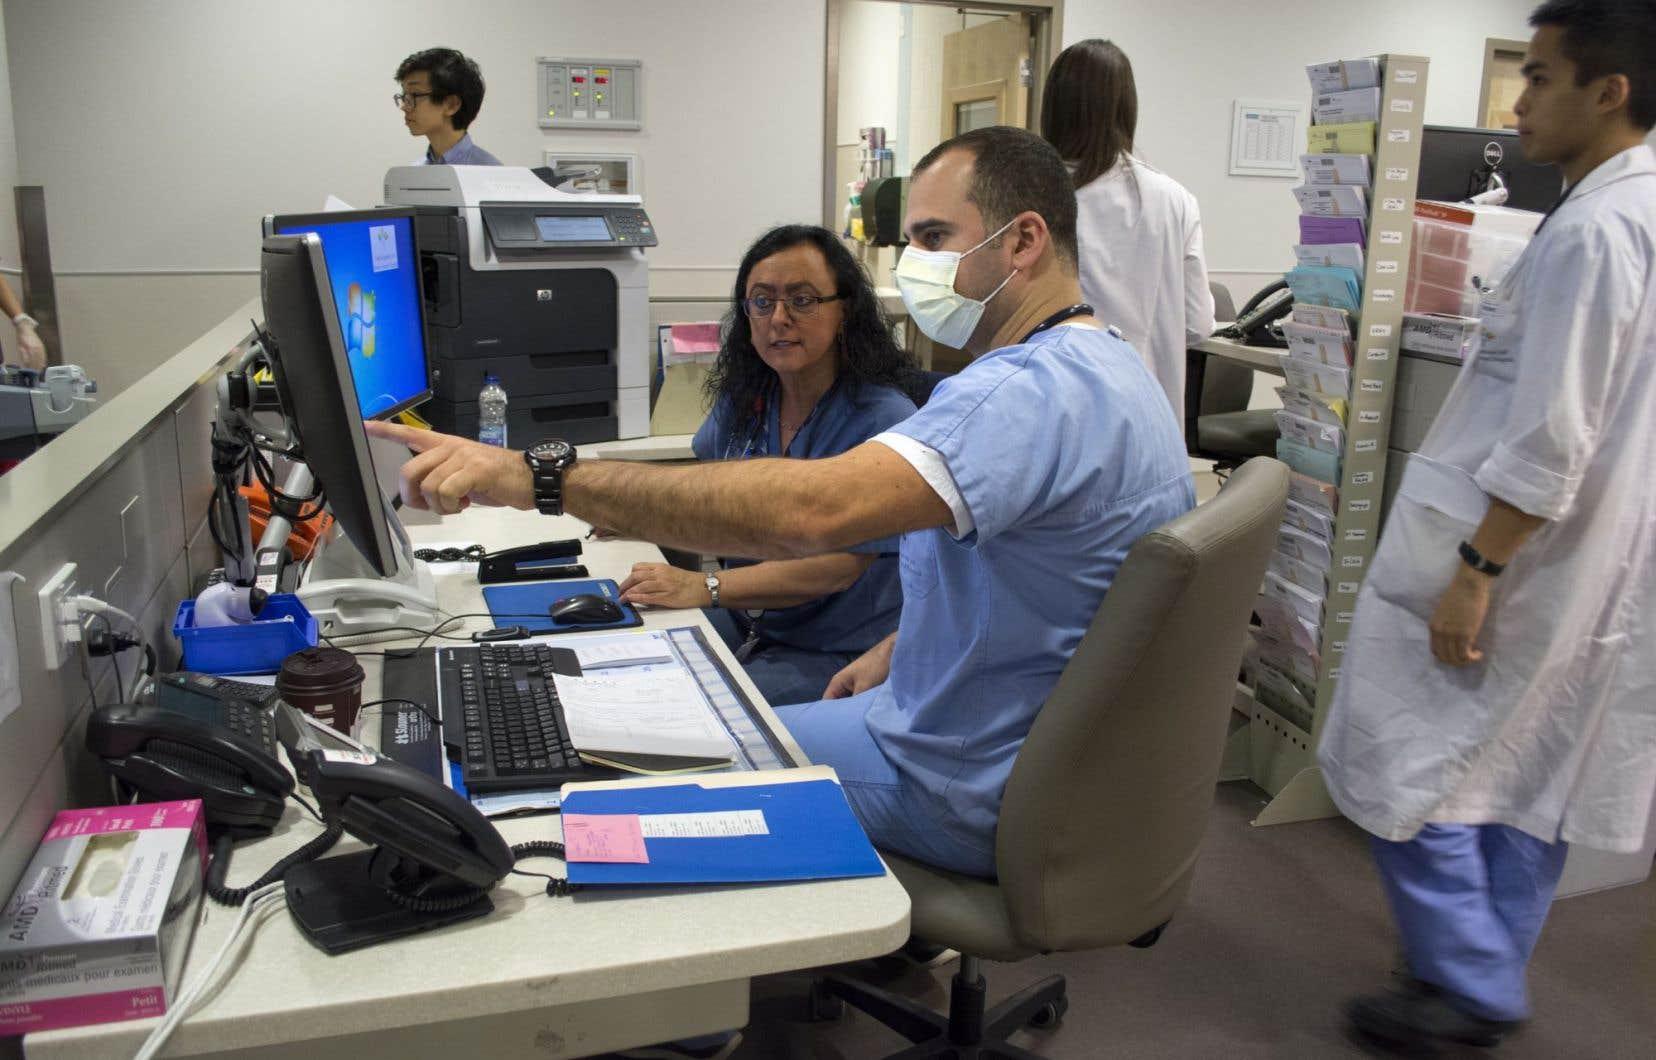 Les dépenses de santé totalisent une part importante de l'économie et font l'objet de multiples rapports demandés à des experts par les différents gouvernements.